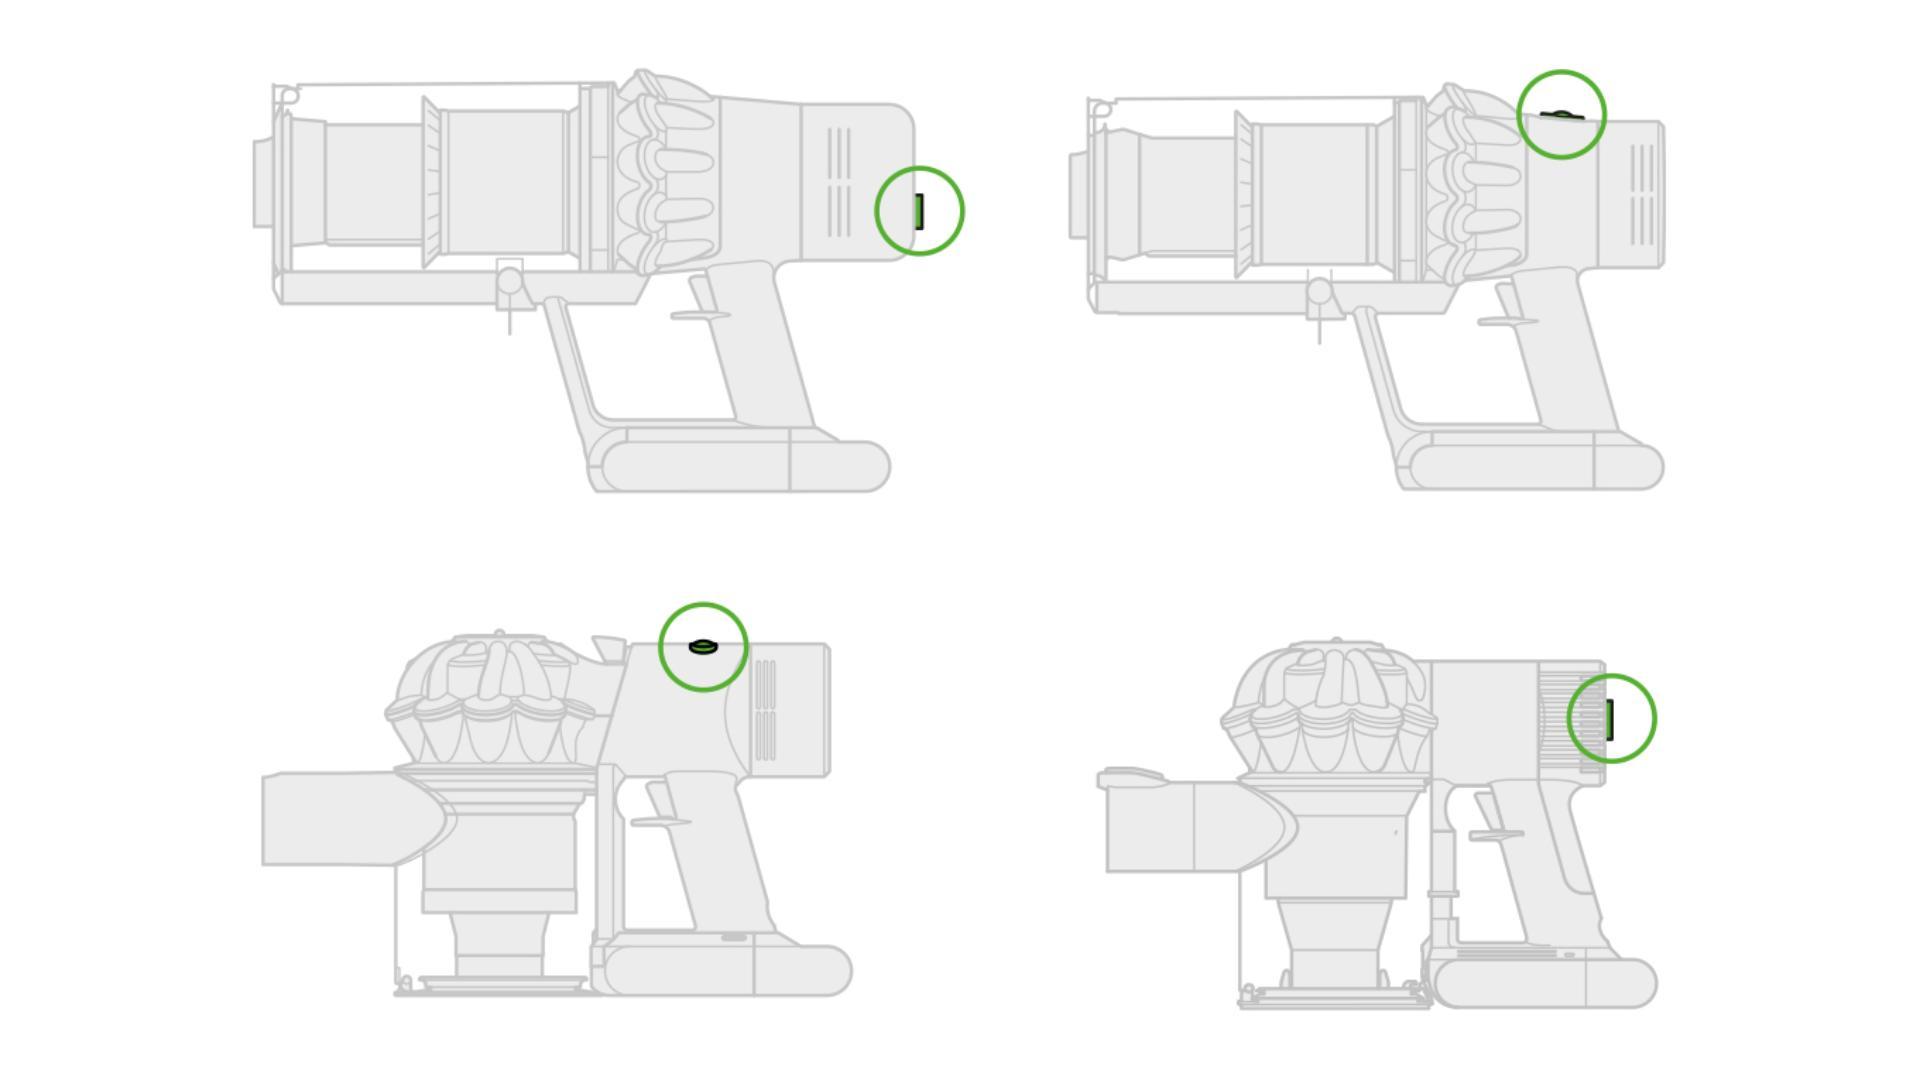 각각의 다이슨 무선 청소기의 버튼 위치를 보여주는 다이어그램